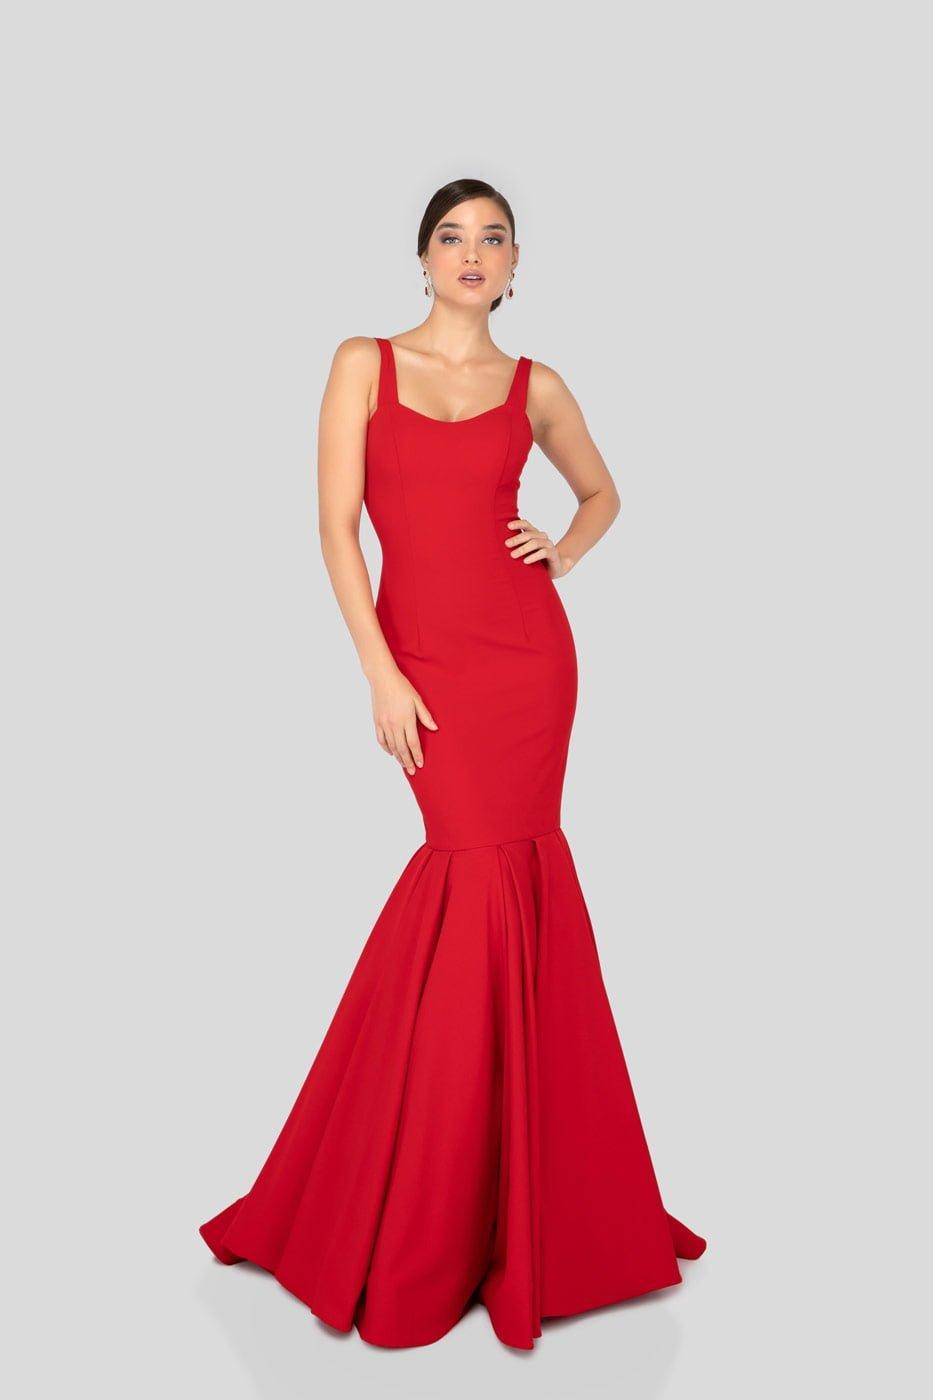 Ravishing red dress thumbnail